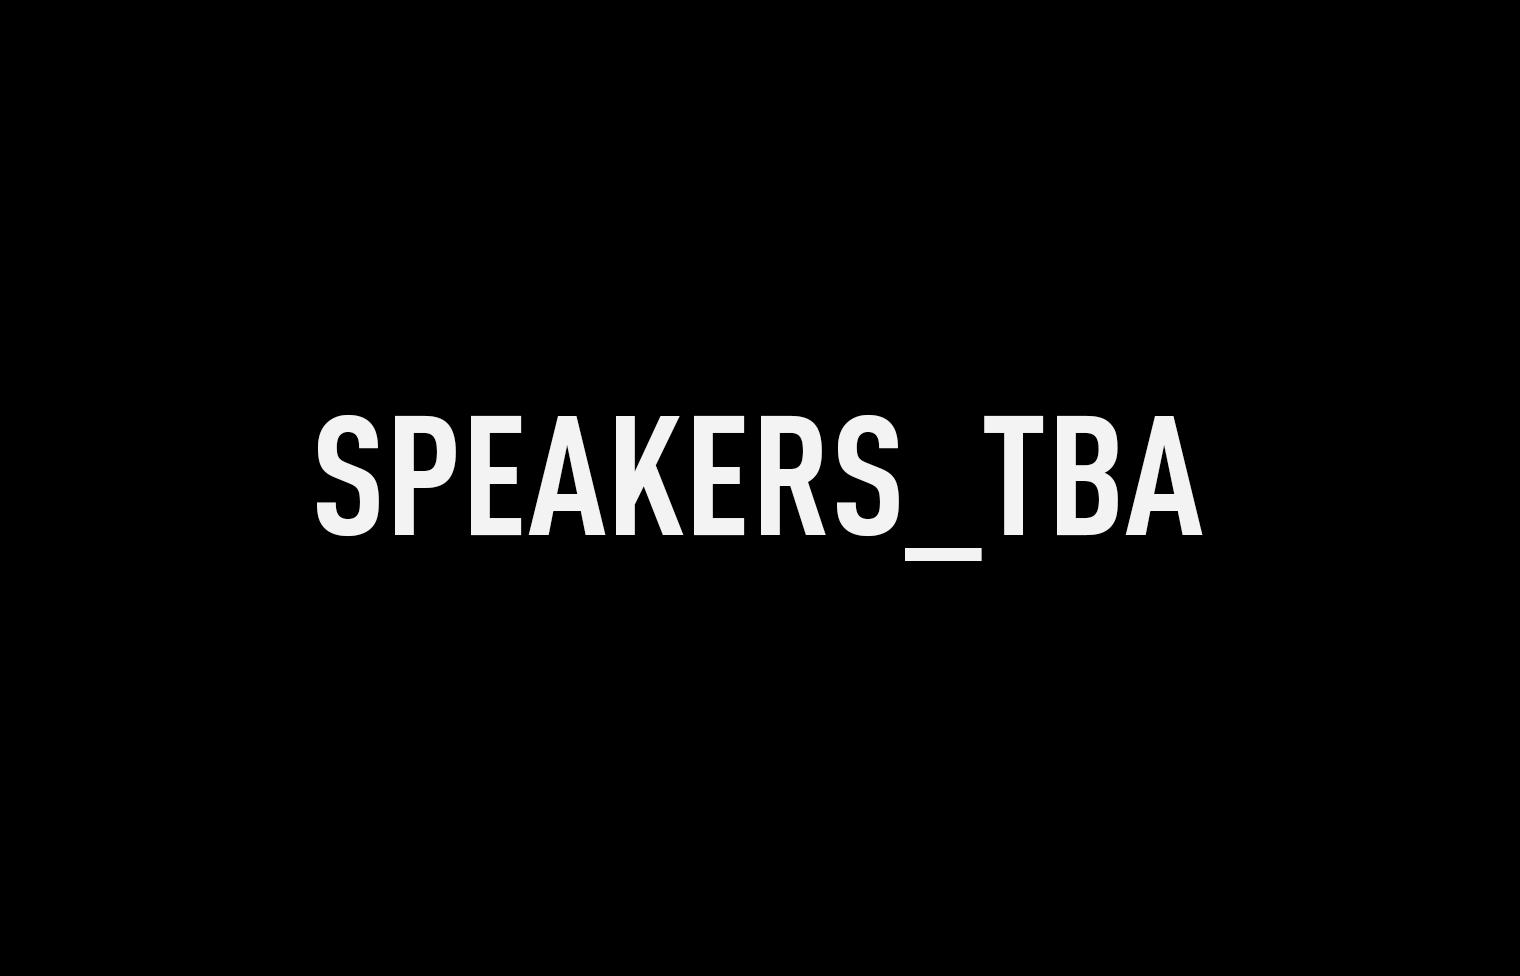 SpeakersTBA.png